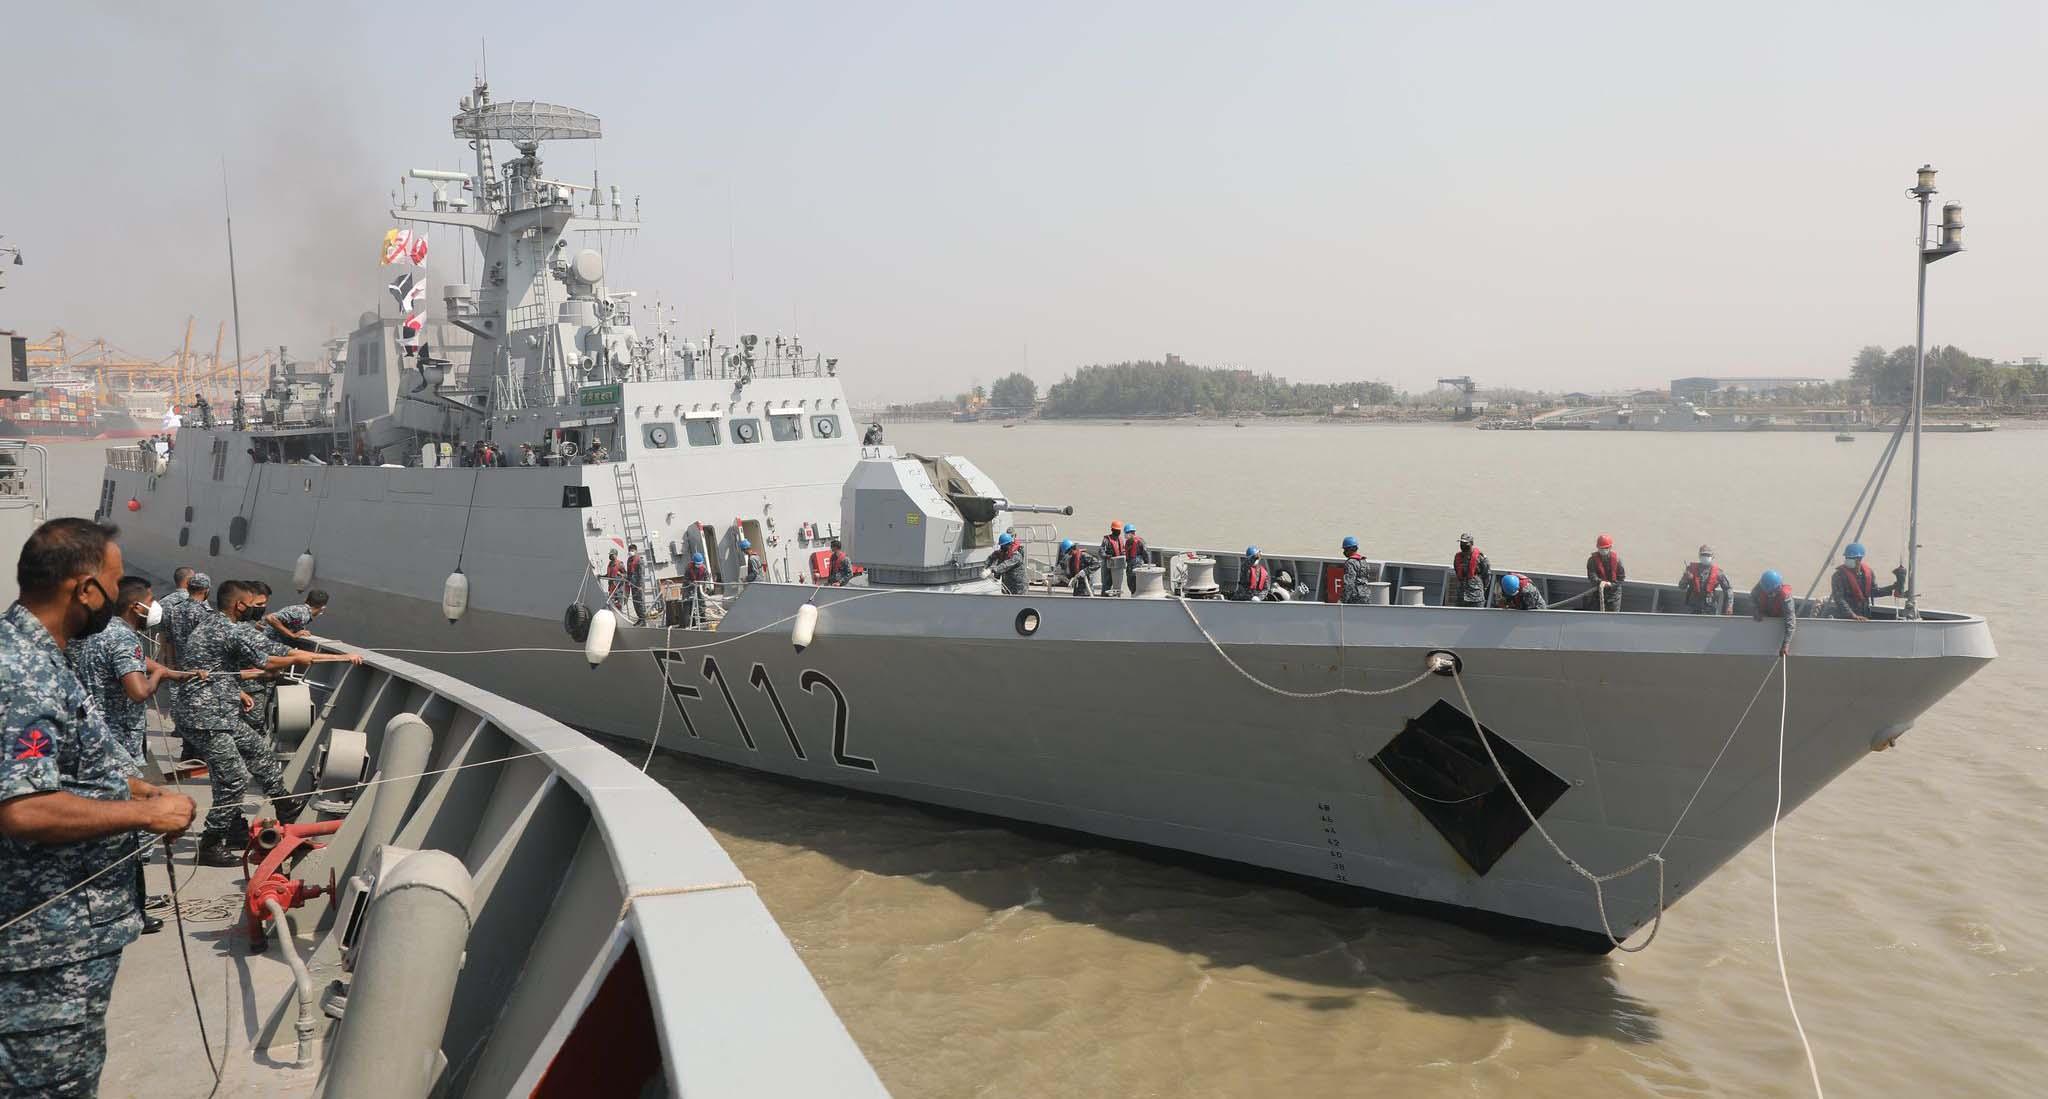 দেশে ফিরেছে নৌবাহিনীর যুদ্ধজাহাজ 'প্রত্যয়'